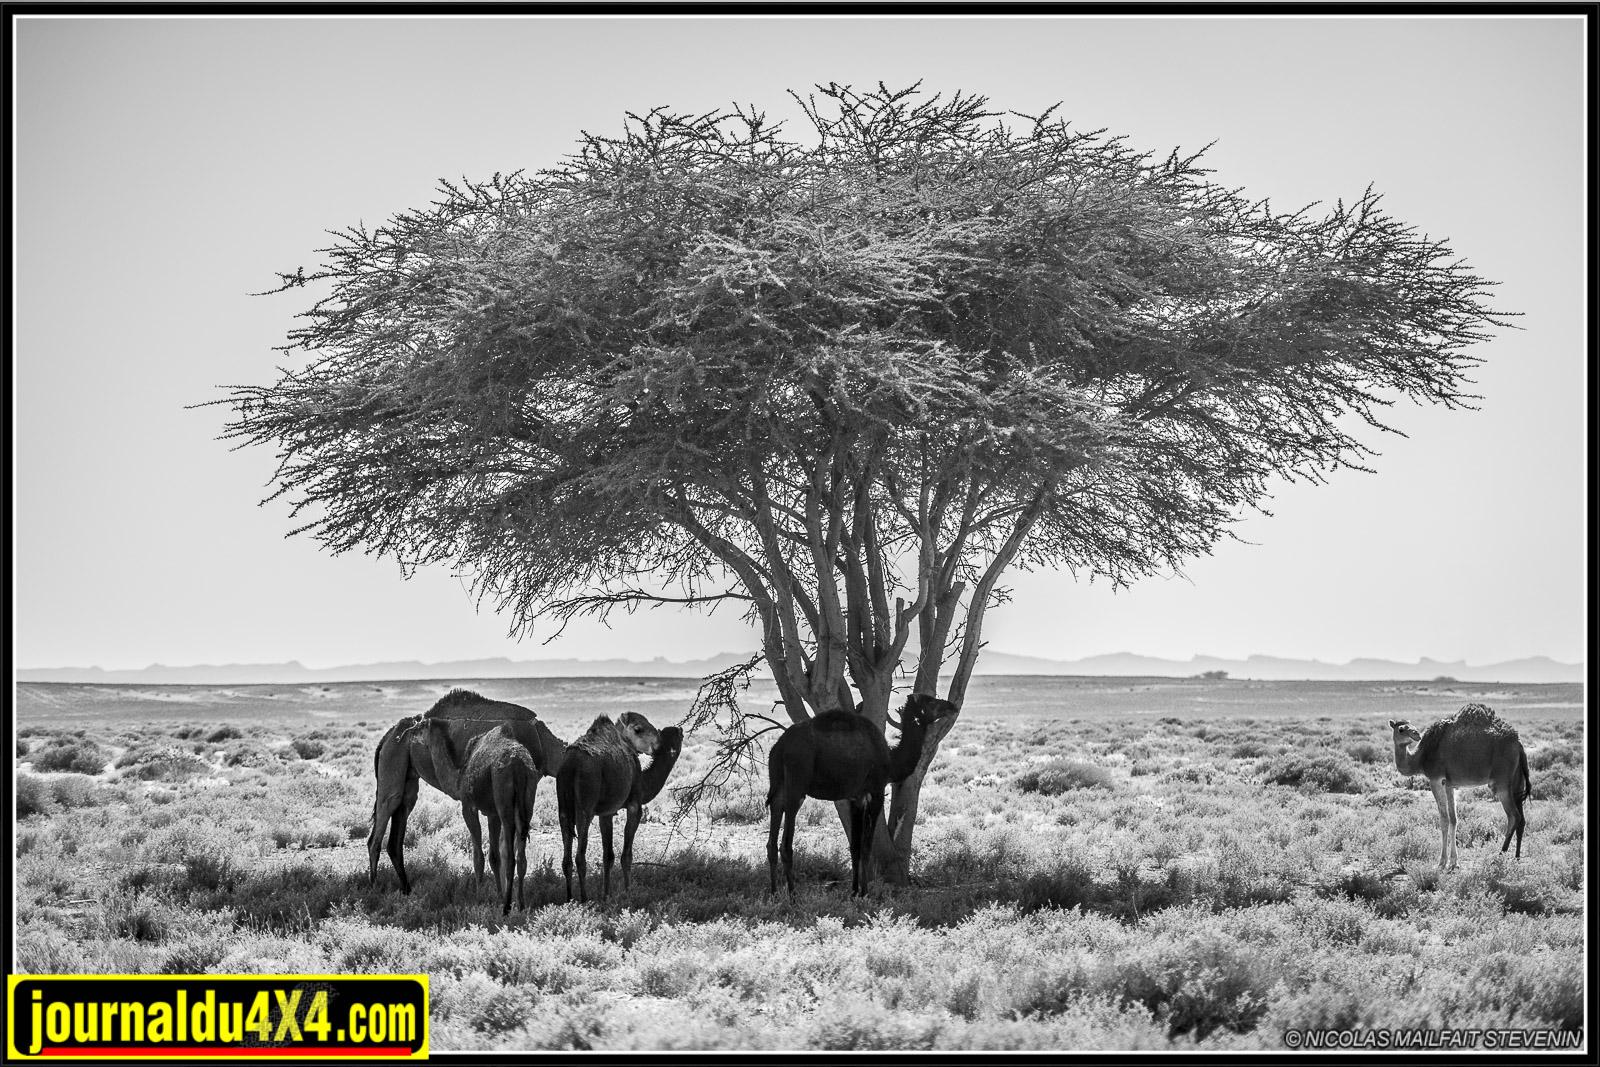 rallye-aicha-gazelles-maroc-2017-7866.jpg